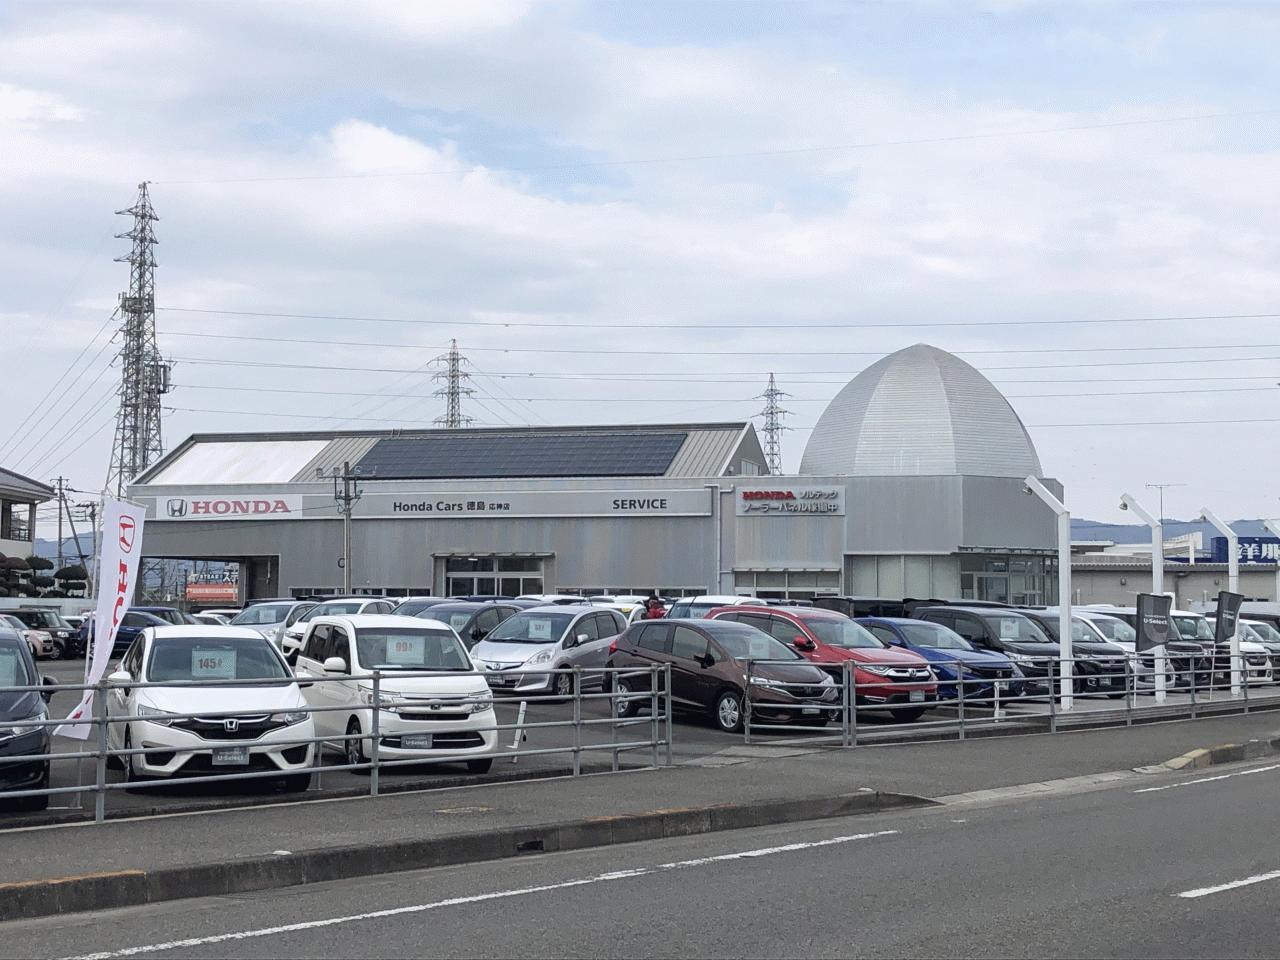 株)ホンダカーズ徳島 U-Select徳島(徳島県徳島市)| Mjnetディーラー ...